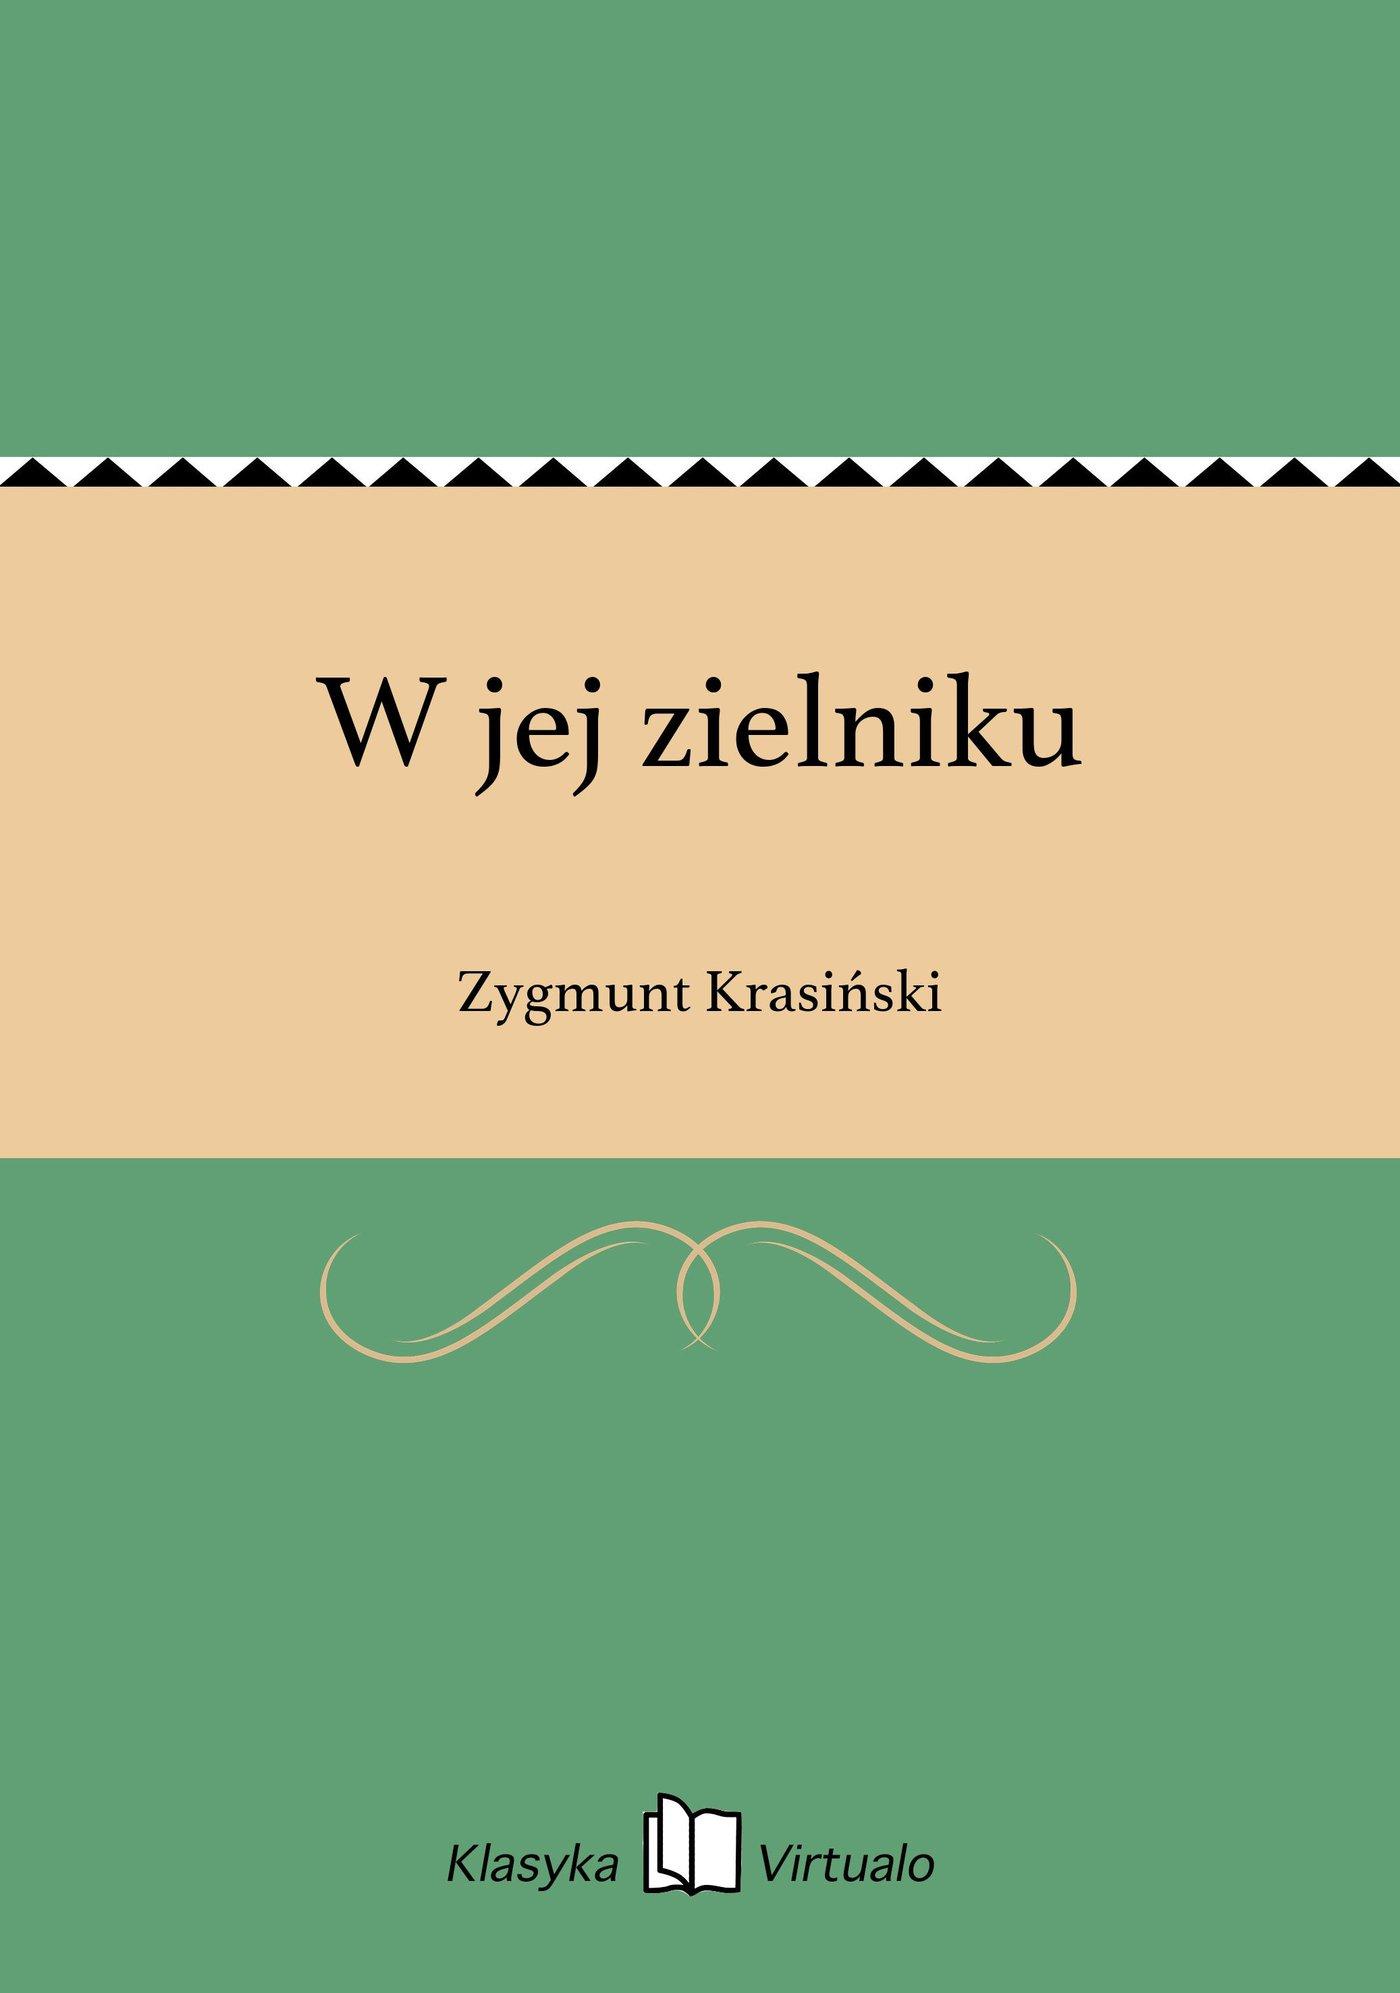 W jej zielniku - Ebook (Książka EPUB) do pobrania w formacie EPUB